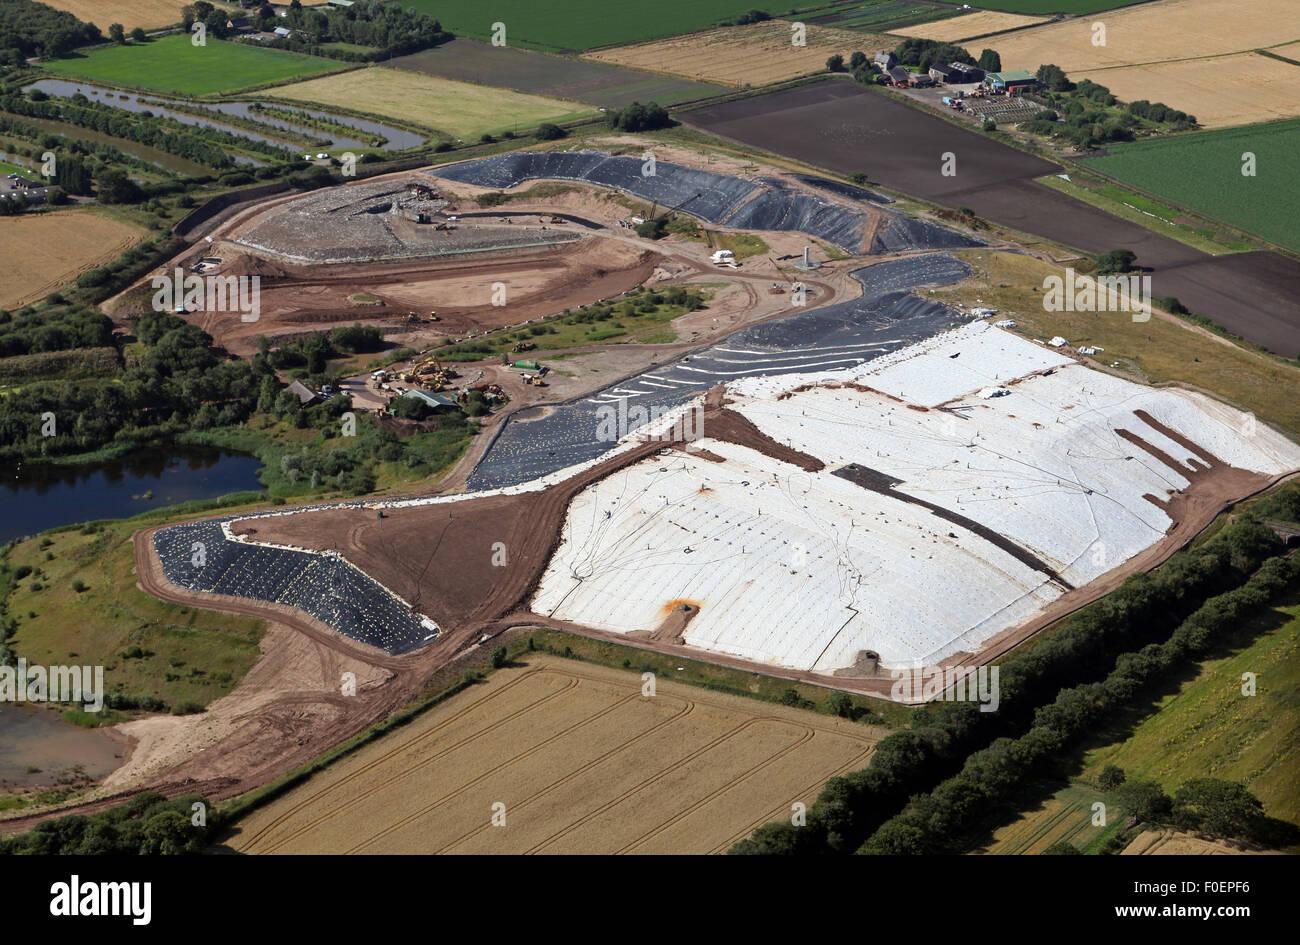 Vista aérea de una planta de reciclaje de residuos de punta a Rixton cerca de Warrington, Cheshire, Reino Unido Imagen De Stock